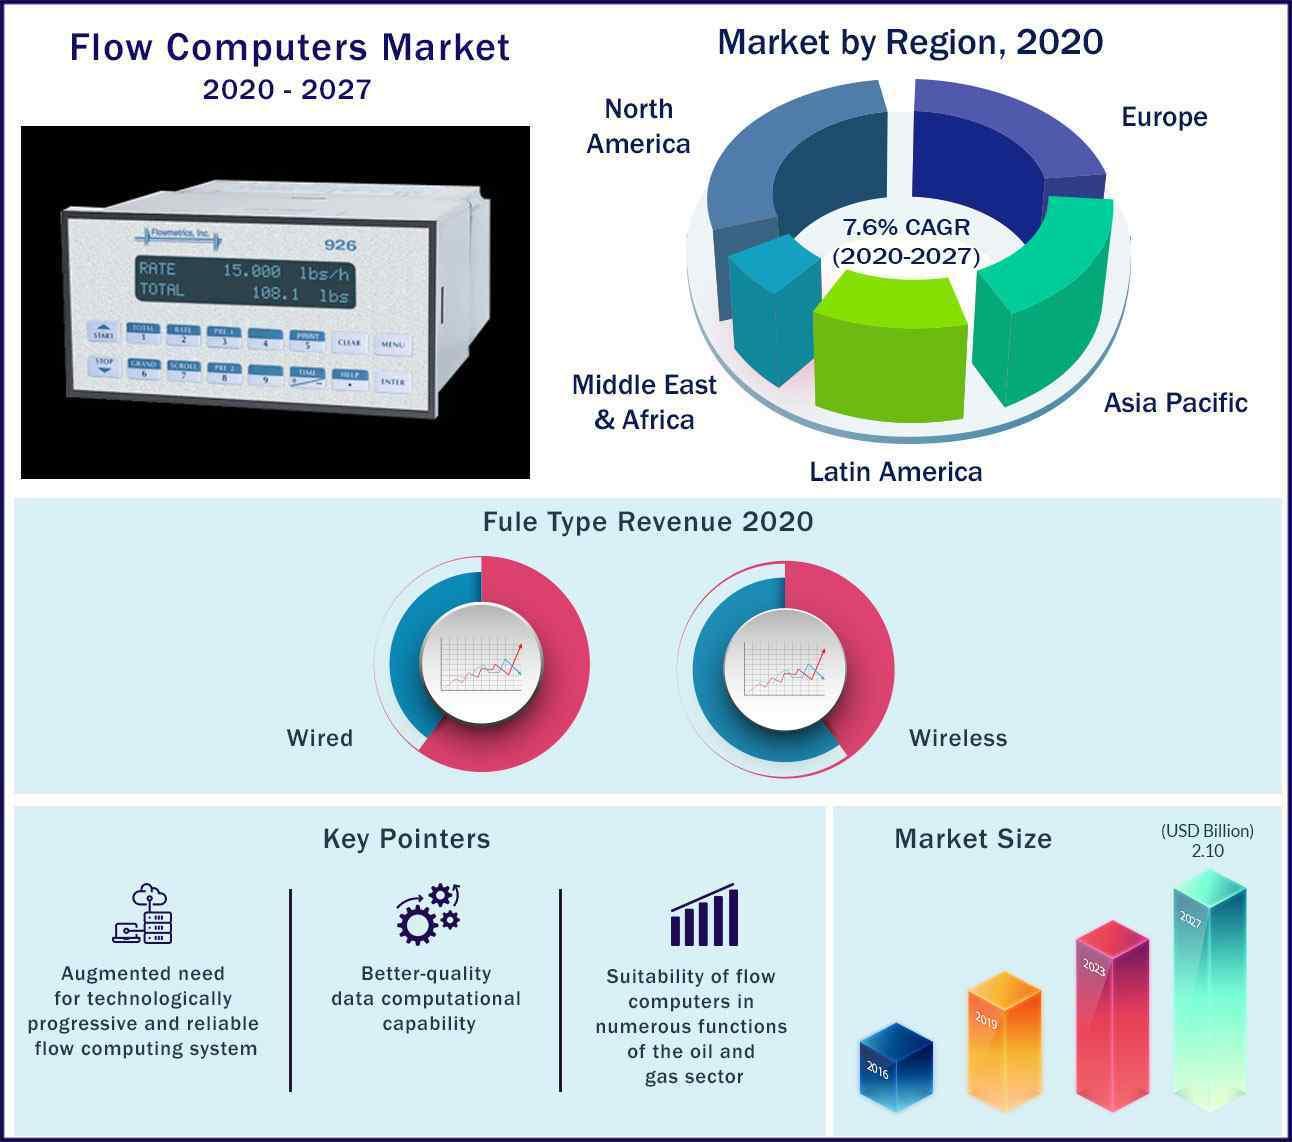 Global Flow Computers Market 2020-2027